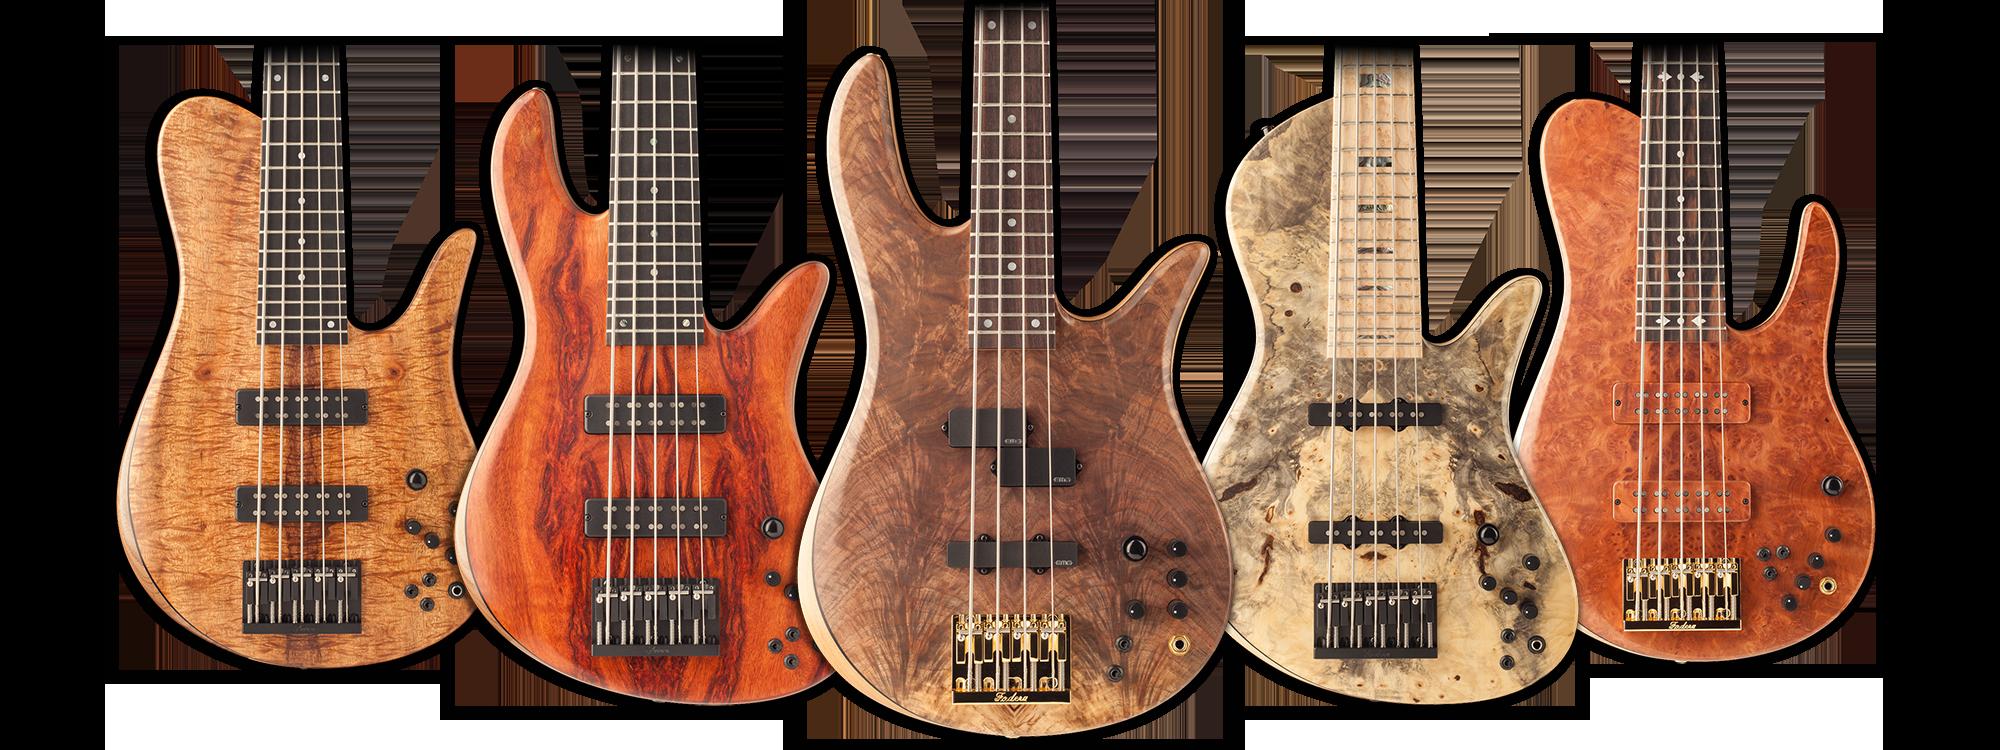 Custom Bass Guitars - Design Your Handcrafted Bass | Fodera